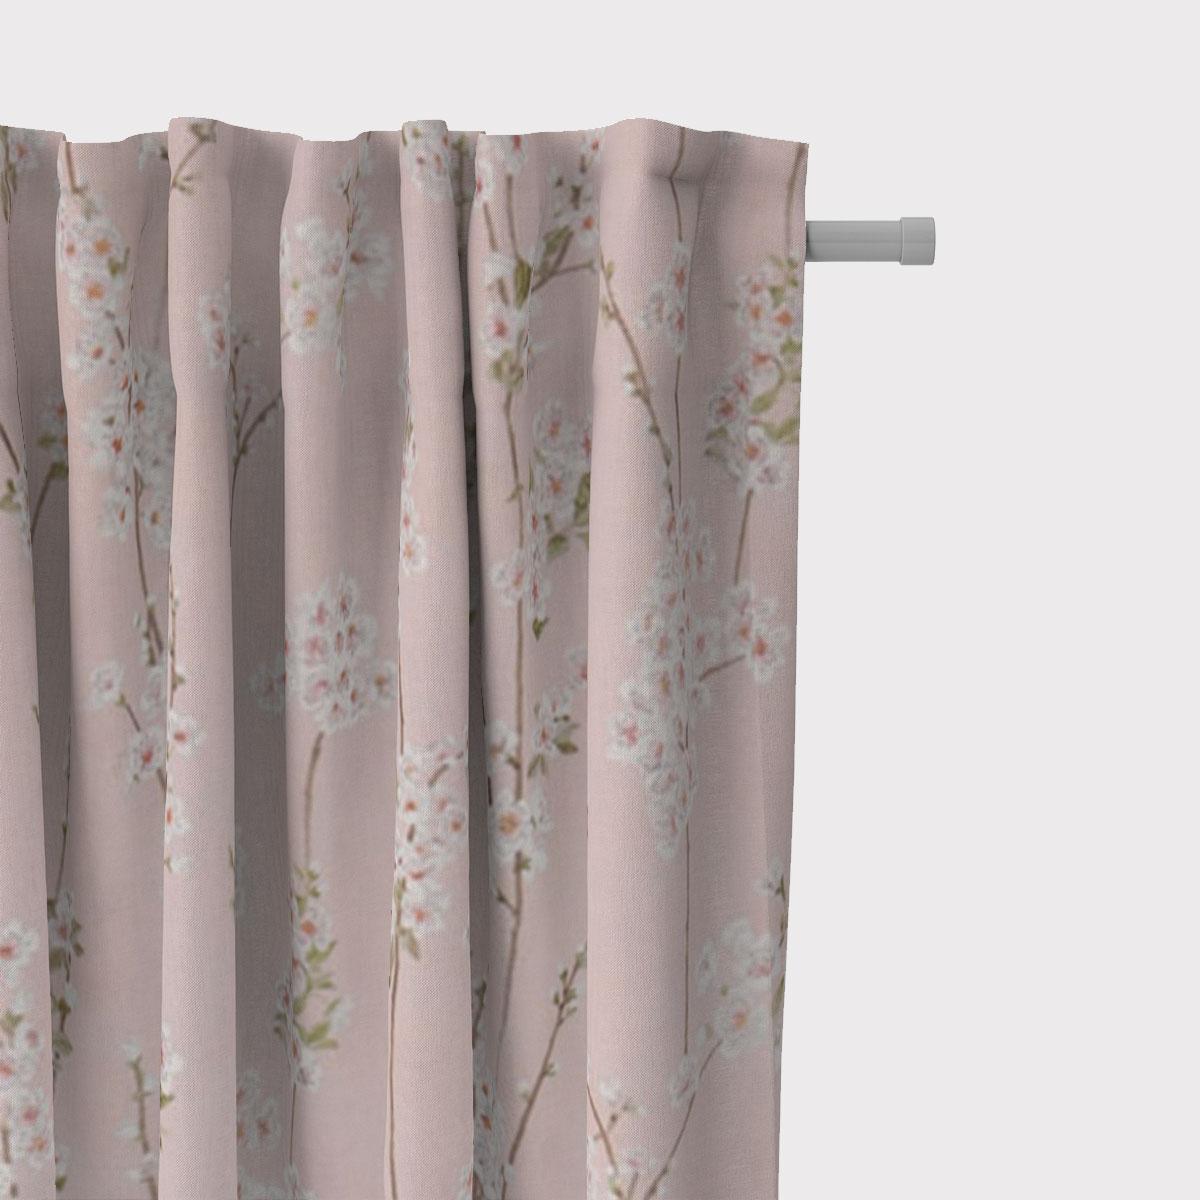 SCHÖNER LEBEN. Vorhang Almond Blossom Mandelblütenzweige rosa 245cm oder Wunschlänge